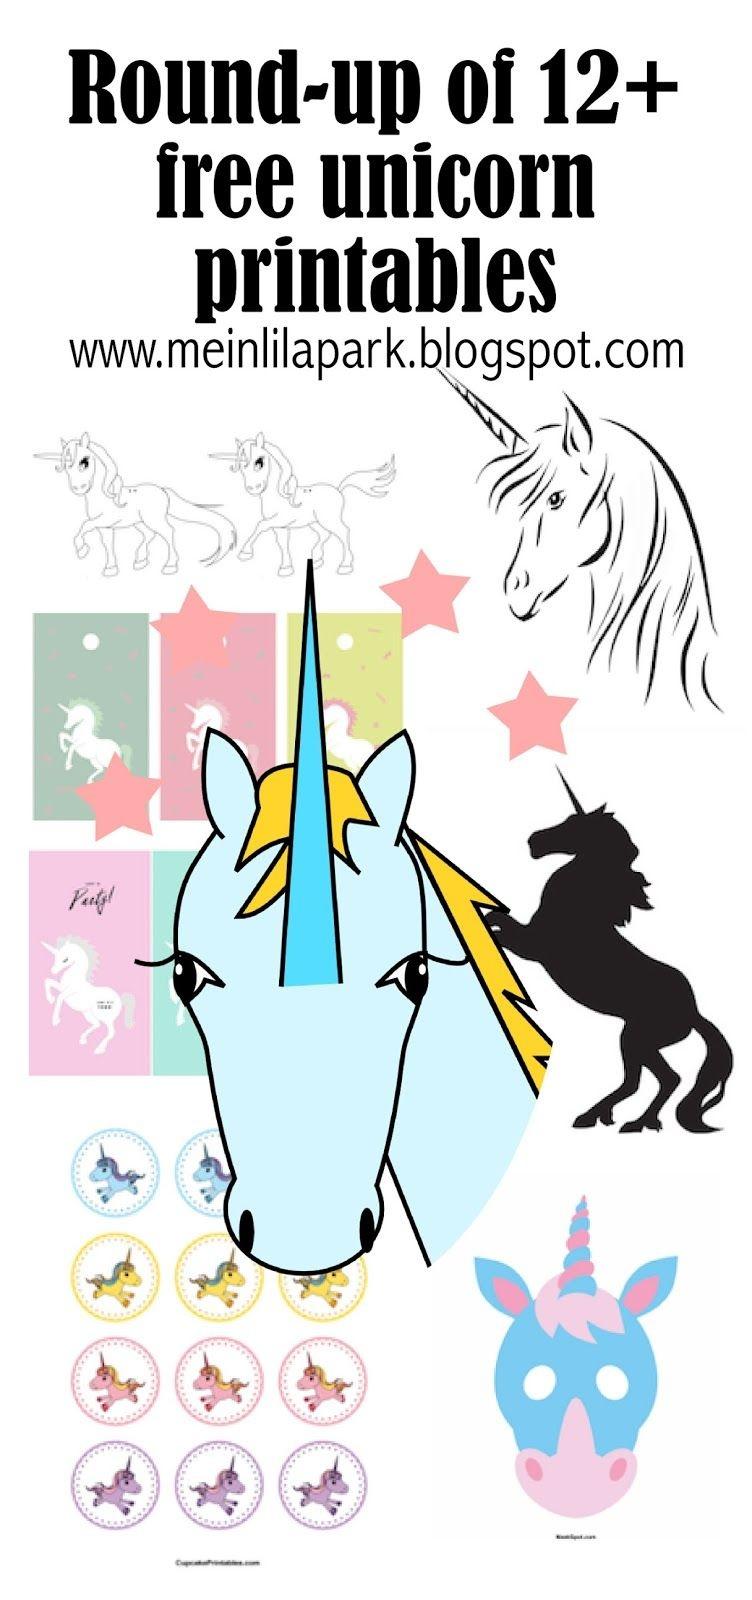 12+ Free Unicorn Printables - Einhorn - Round-Up | Printables - Unicorn Printable Free